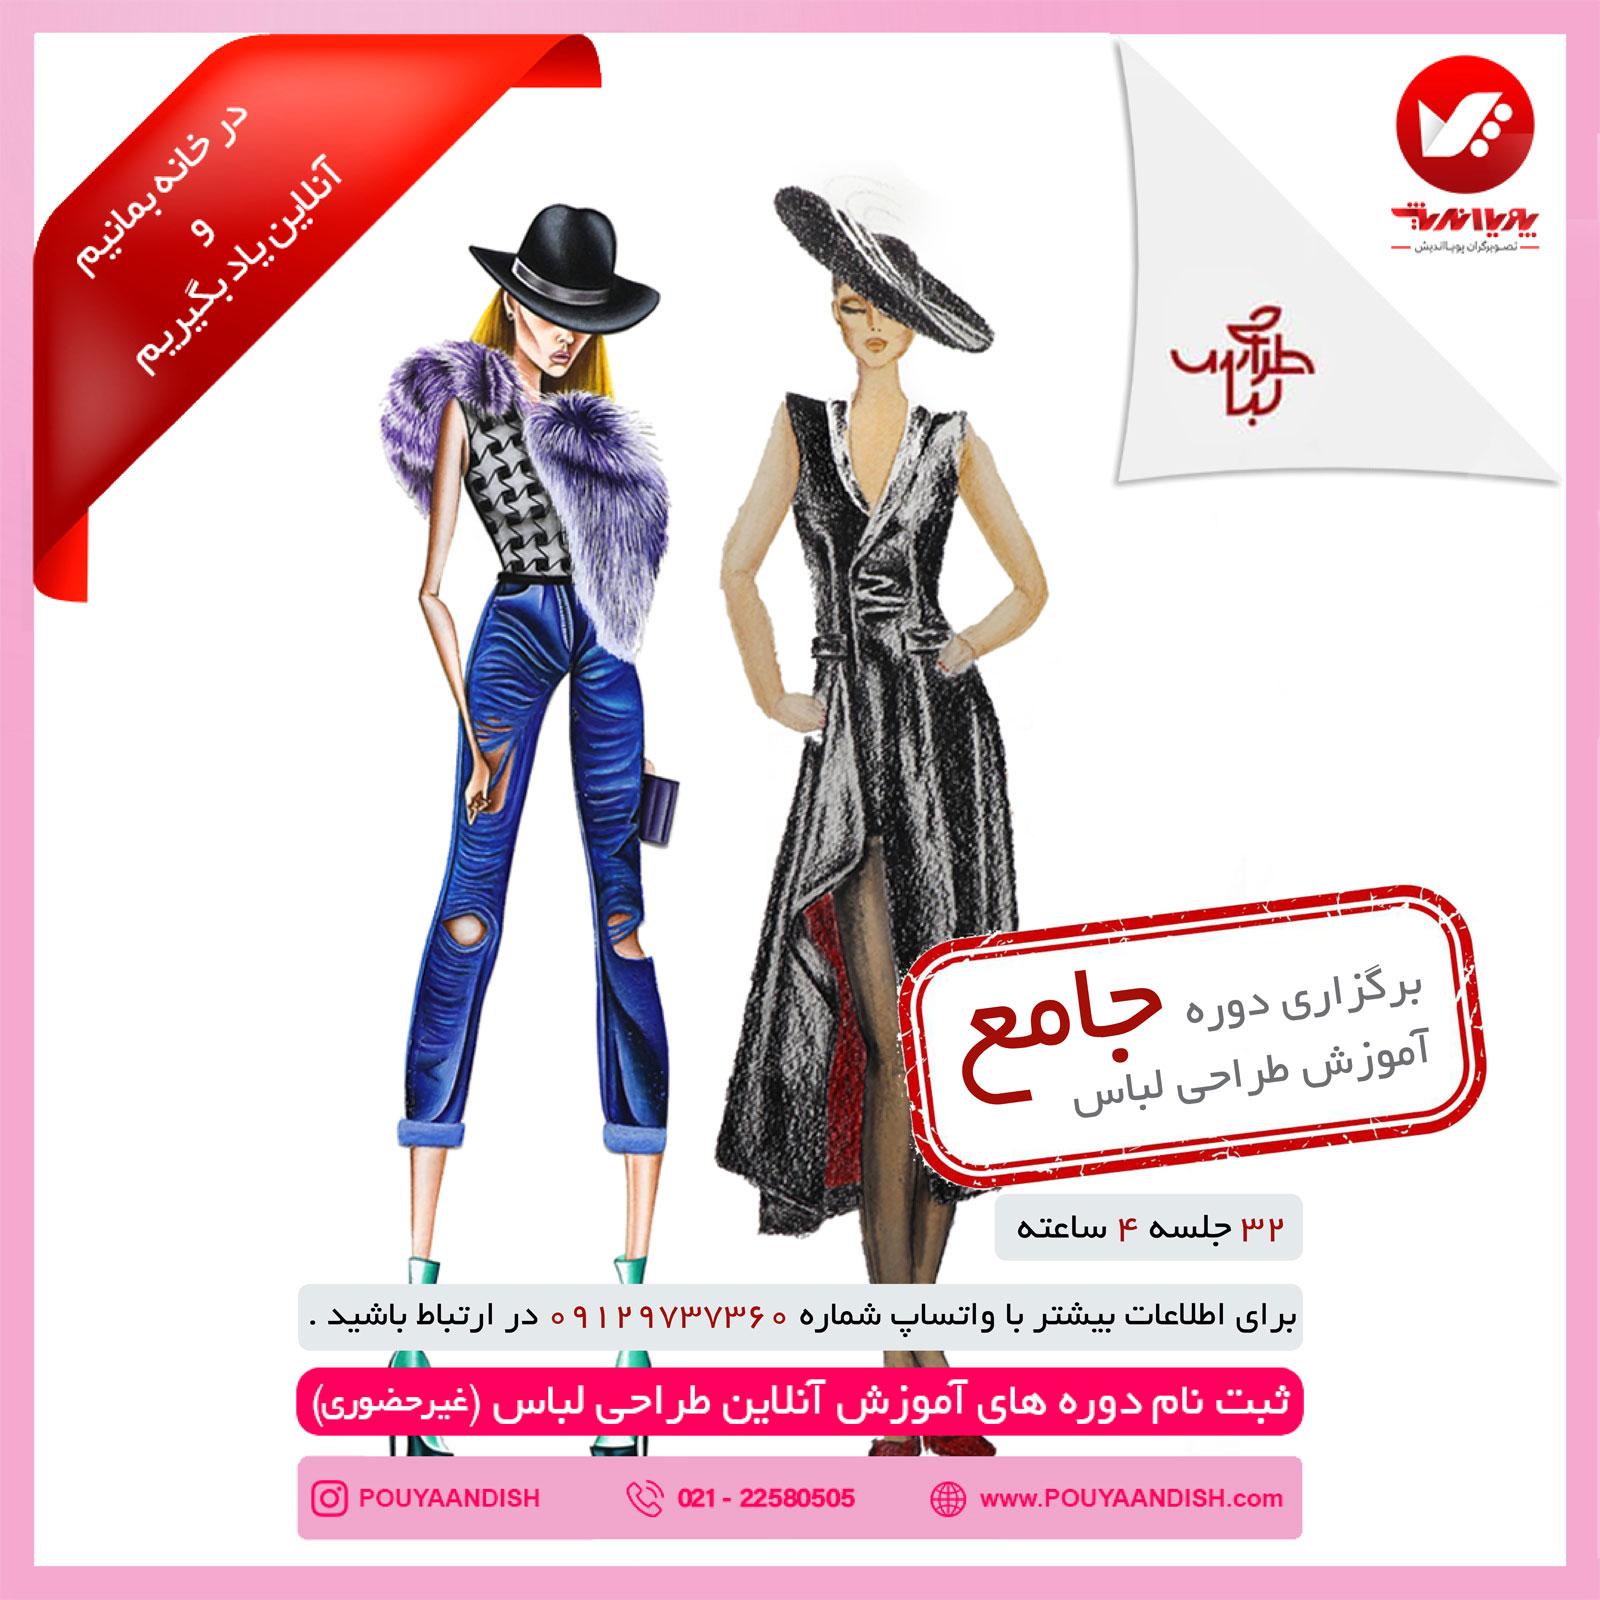 tarahi lebas jameE2 - آموزش آنلاین و مجازی طراحی لباس